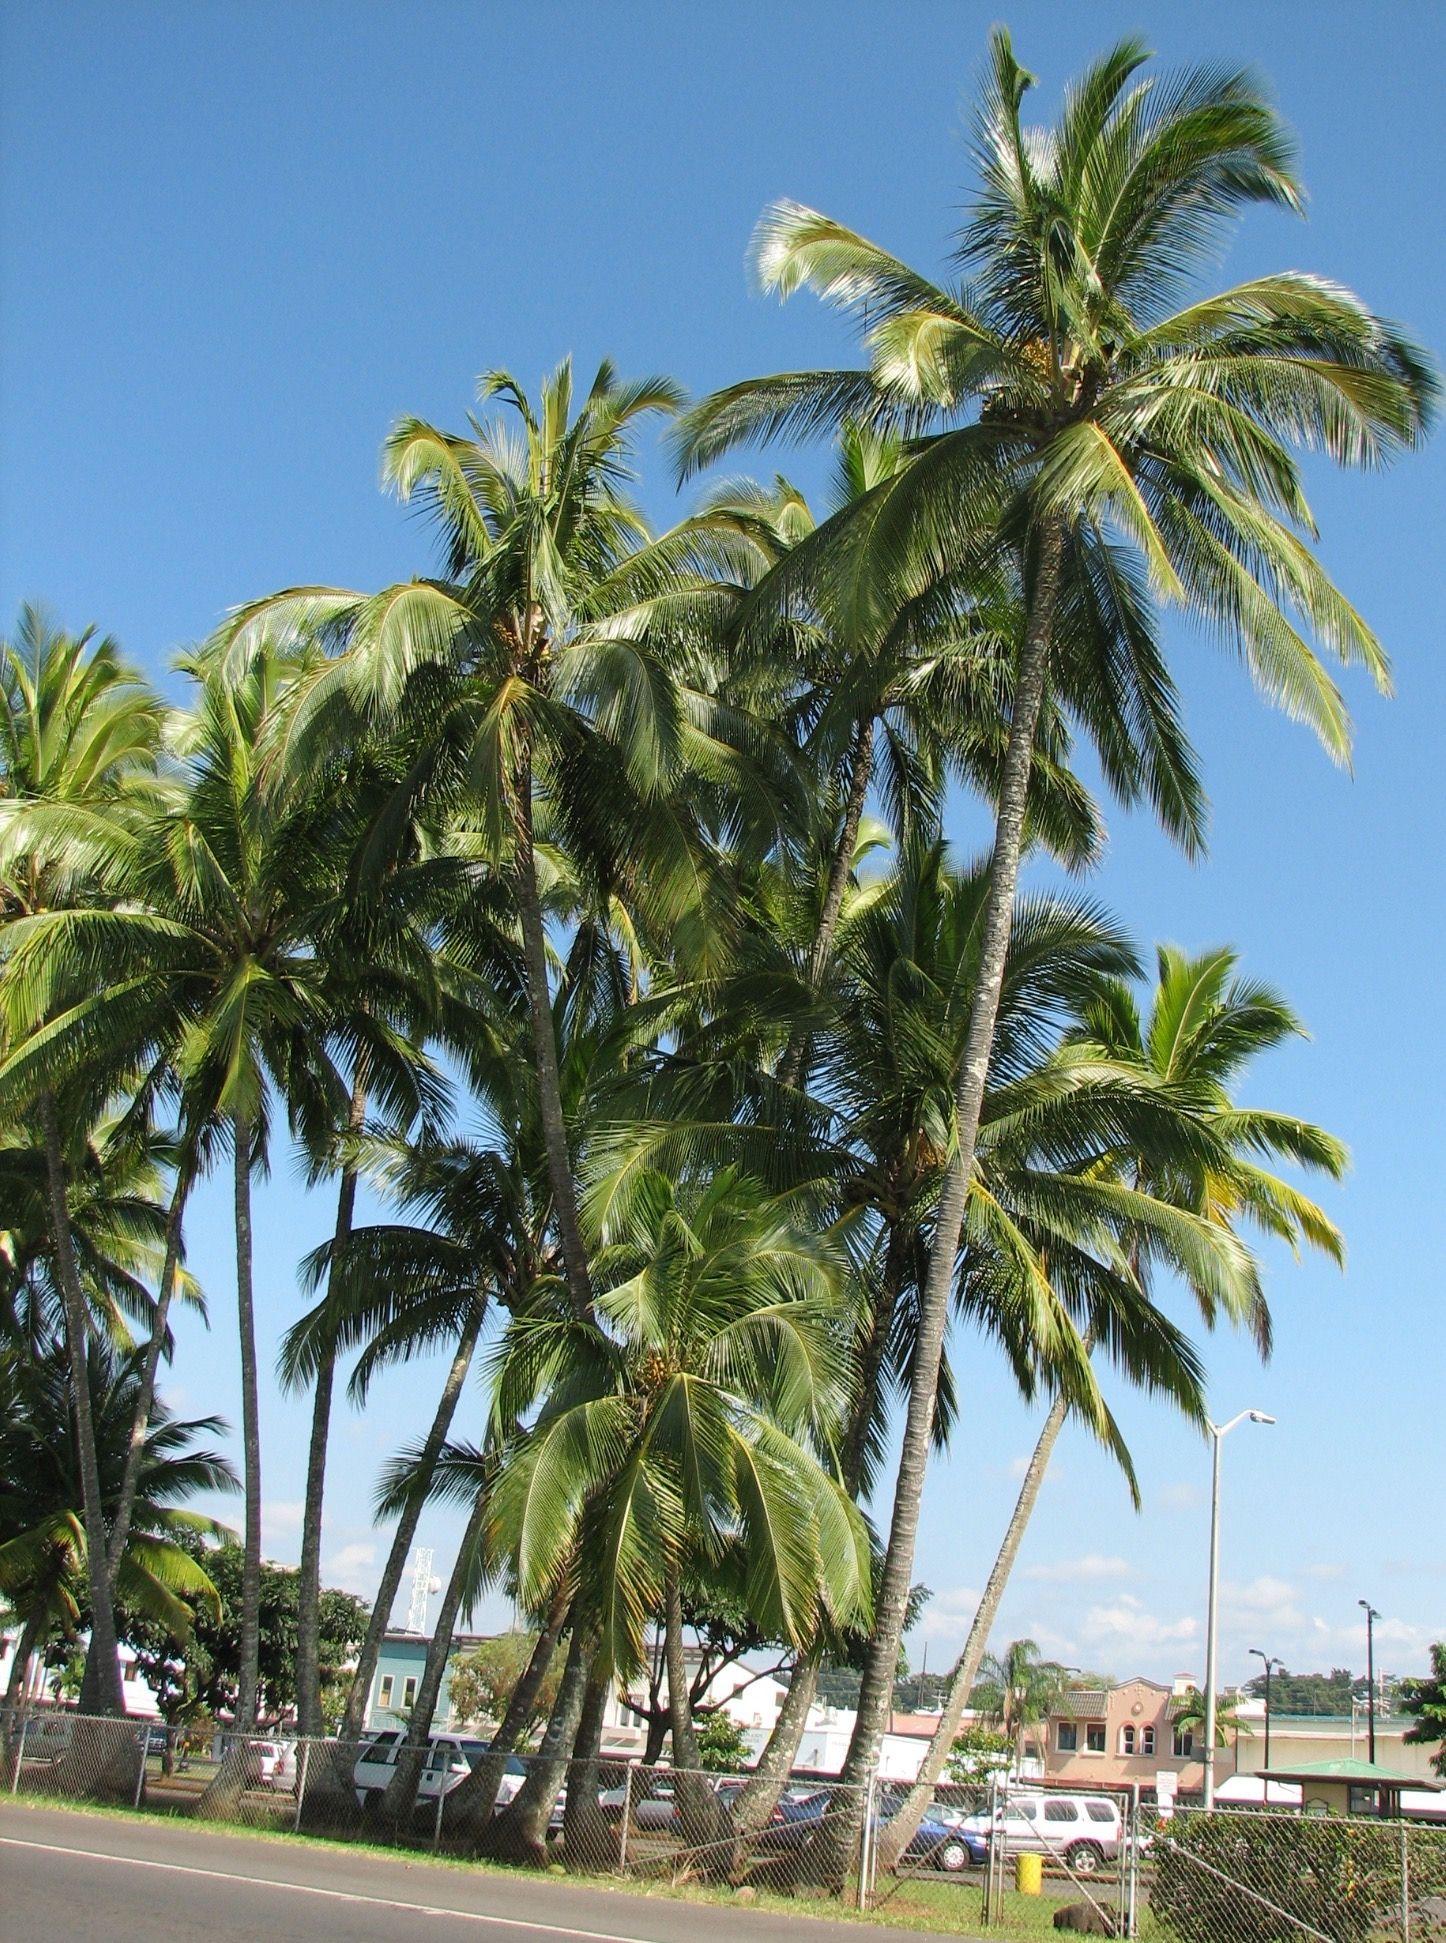 Cocos nucifera hawaii photo hawaii palm